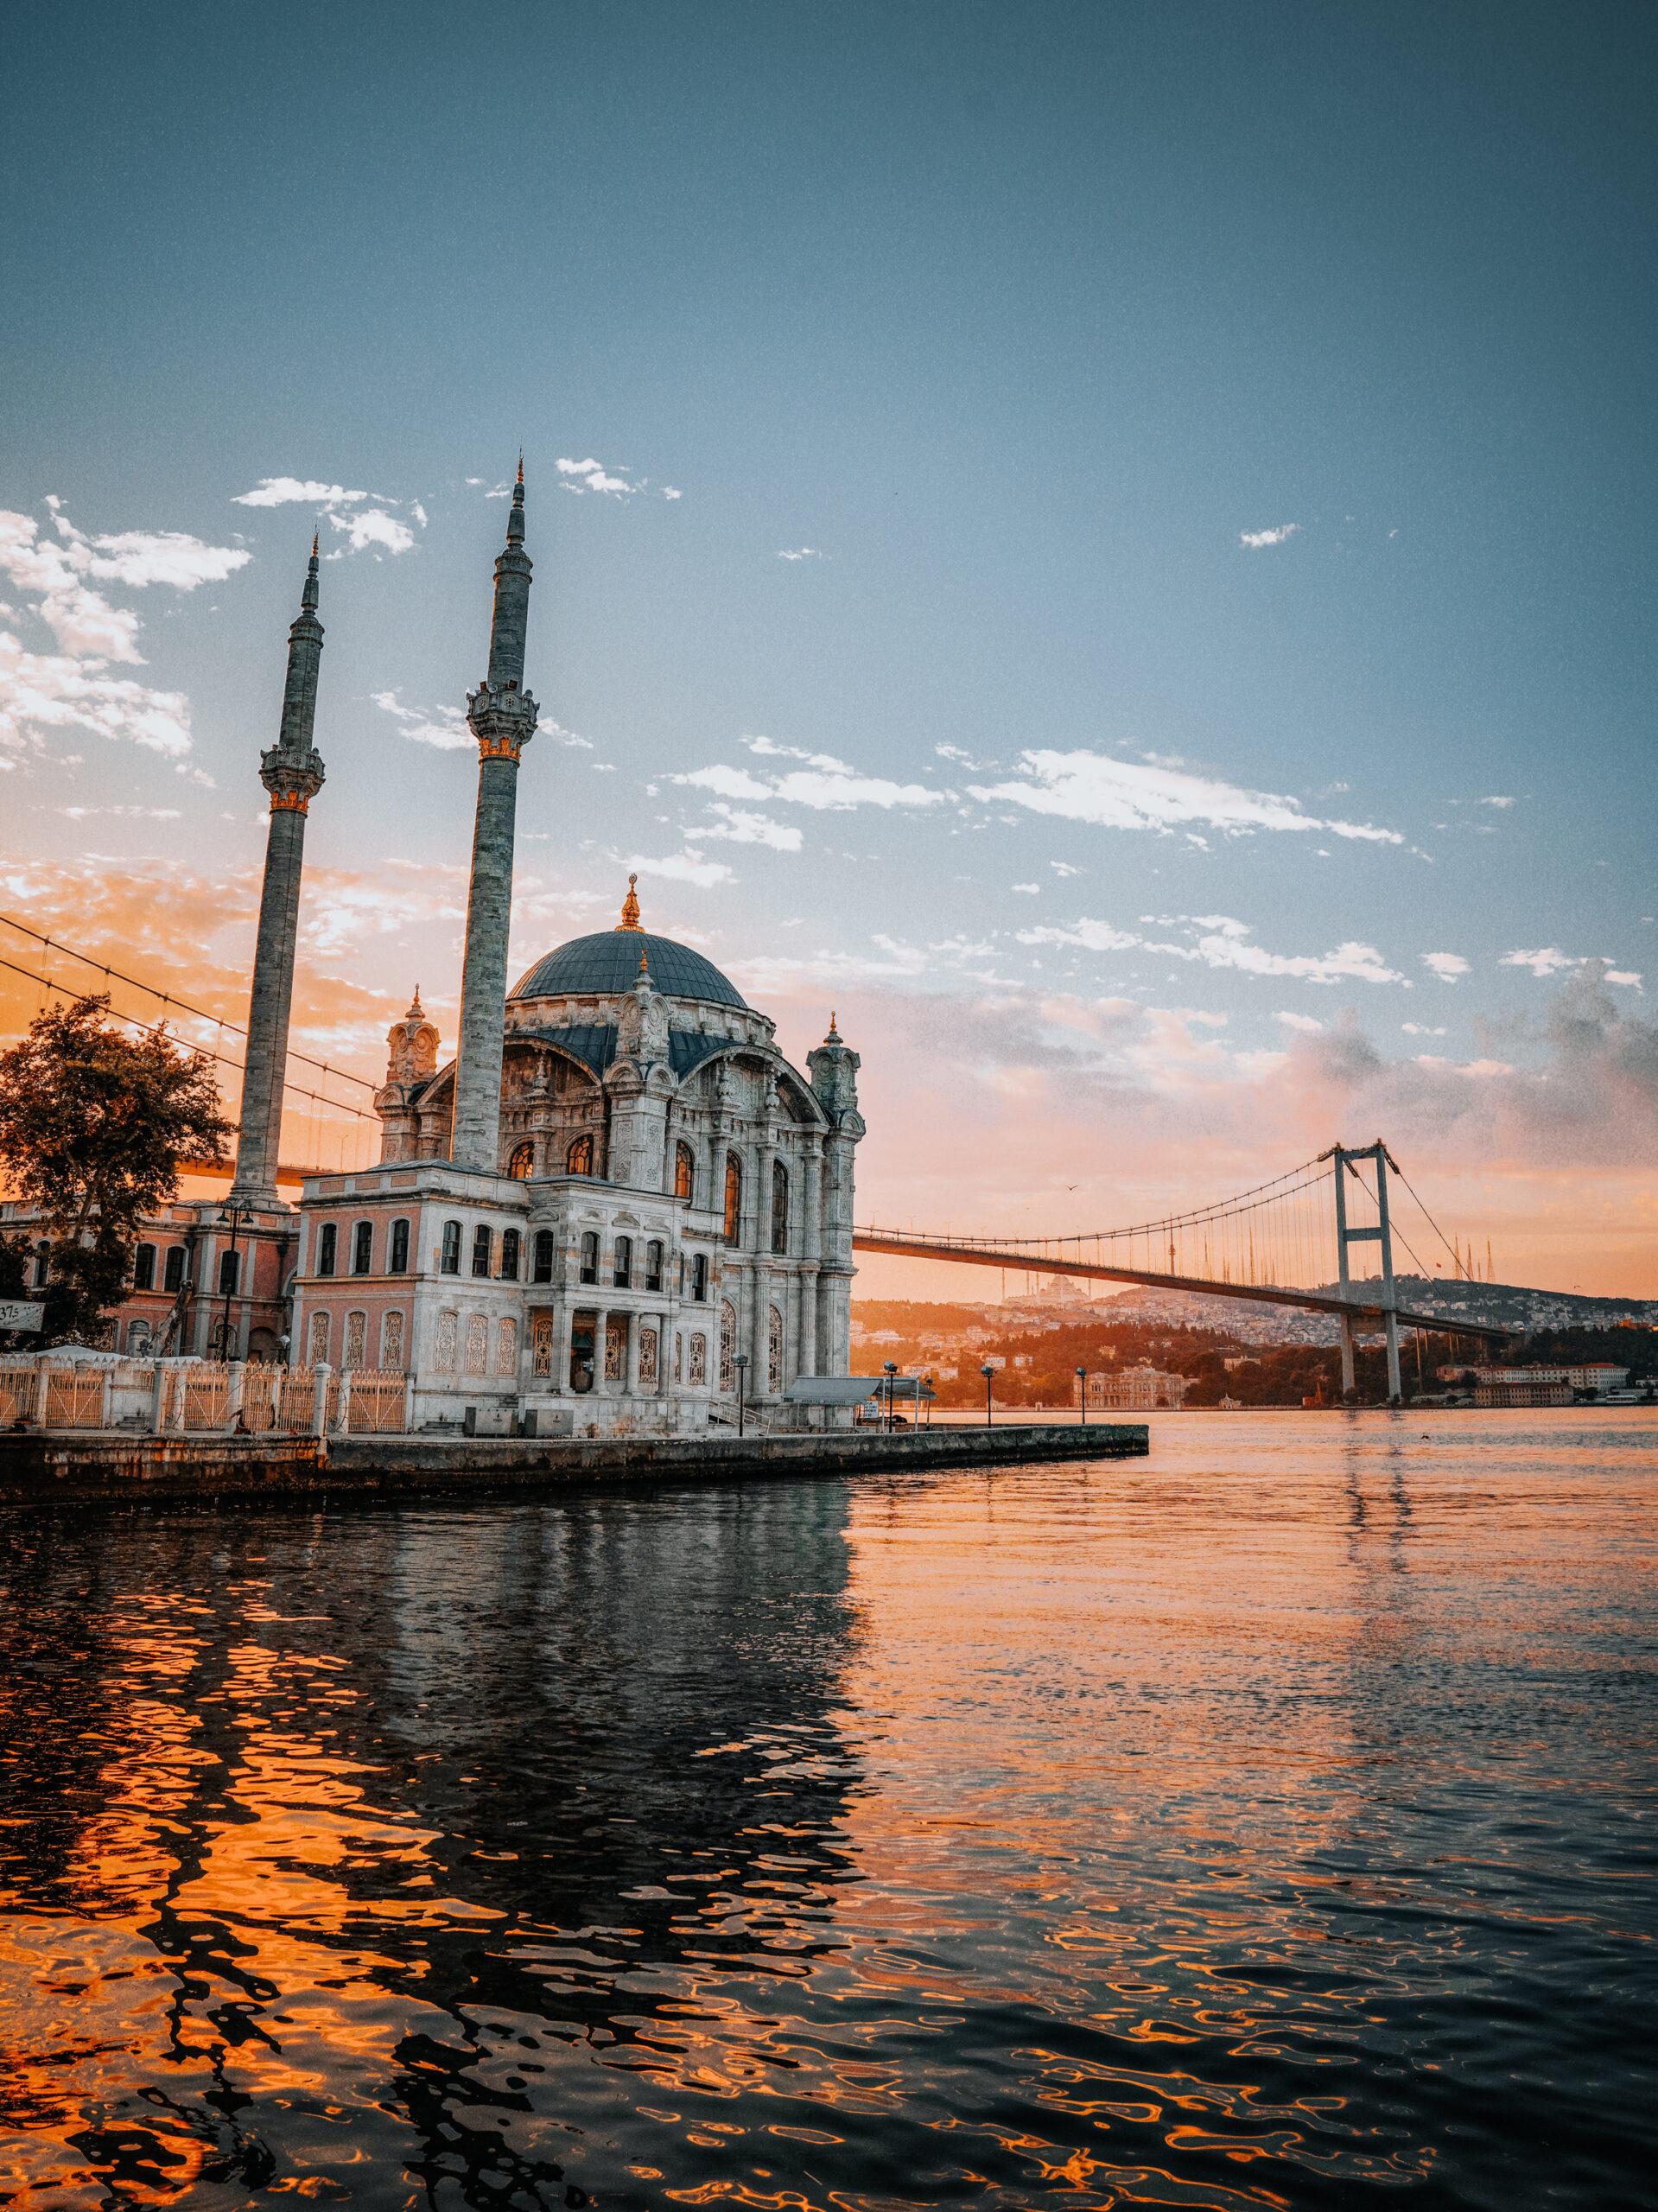 https://www.tourbulance.com.tr/wp-content/uploads/2021/03/Istanbul3-scaled.jpeg